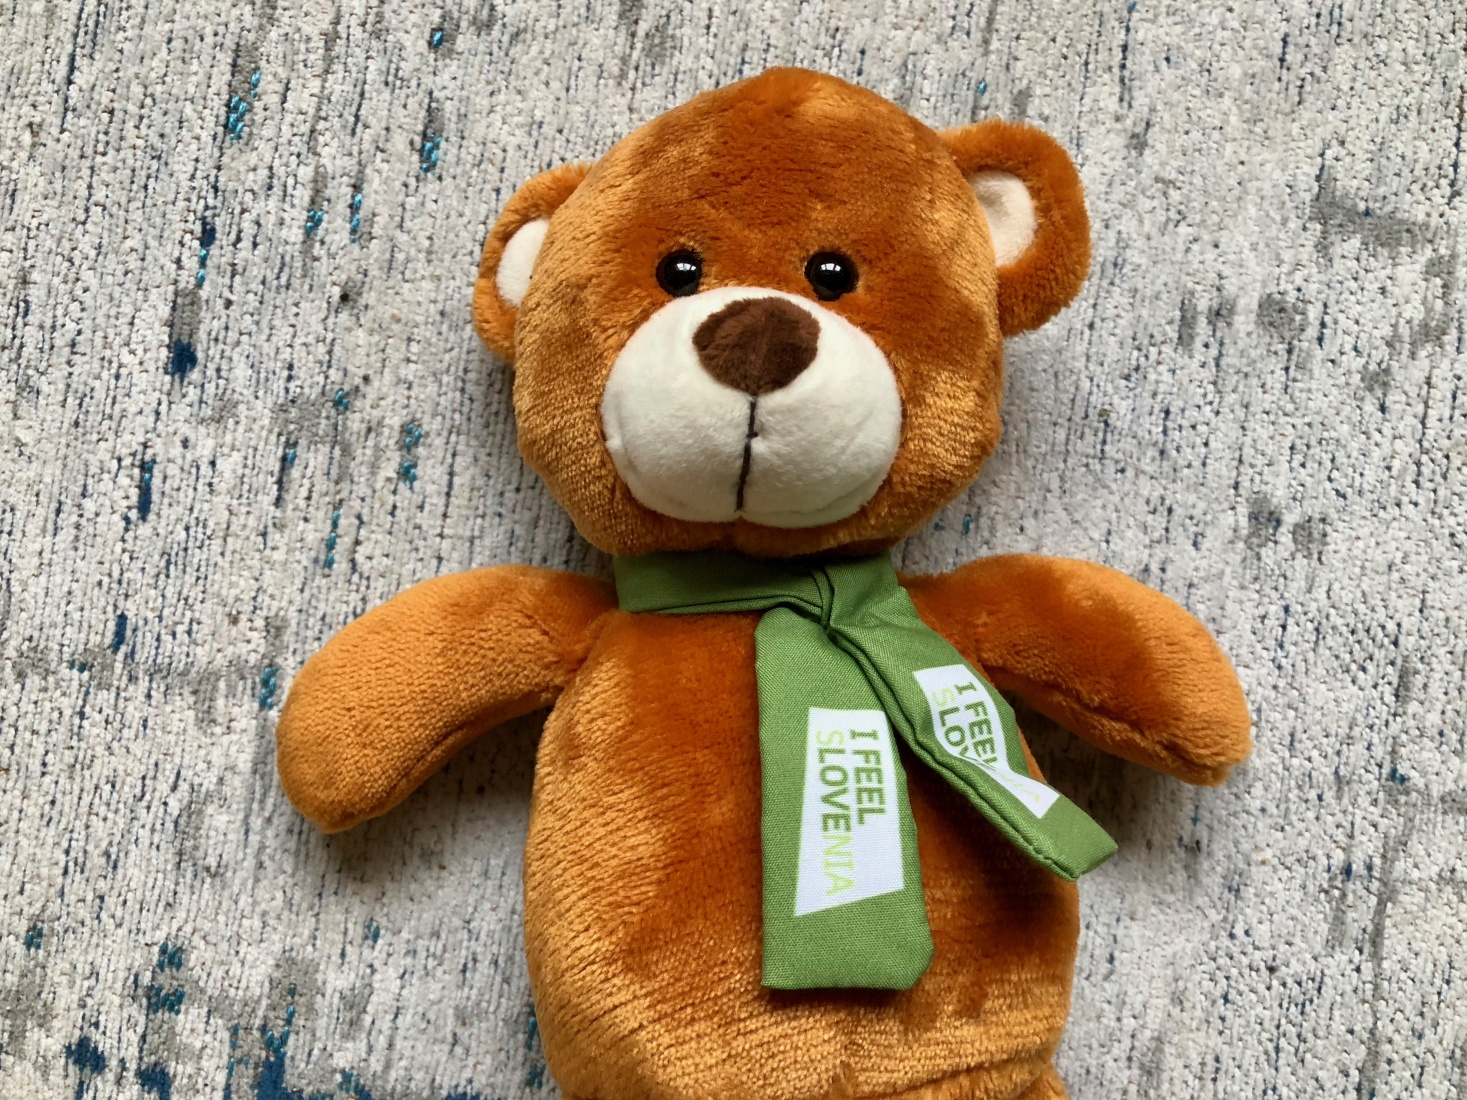 Teddy bear with the Slovenian slogan